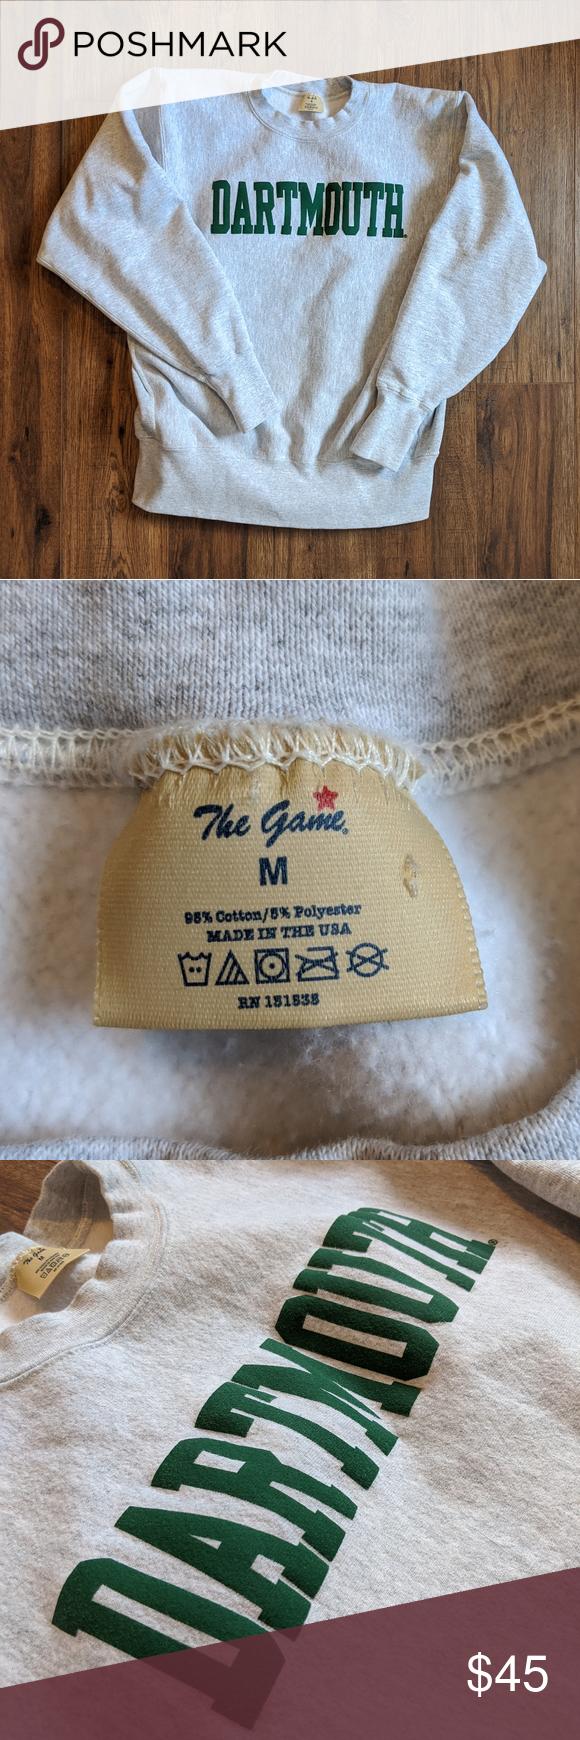 Vintage Dartmouth Crewneck Sweatshirt Crew Neck Sweatshirt Sweatshirts Vintage Sweatshirt [ 1740 x 580 Pixel ]